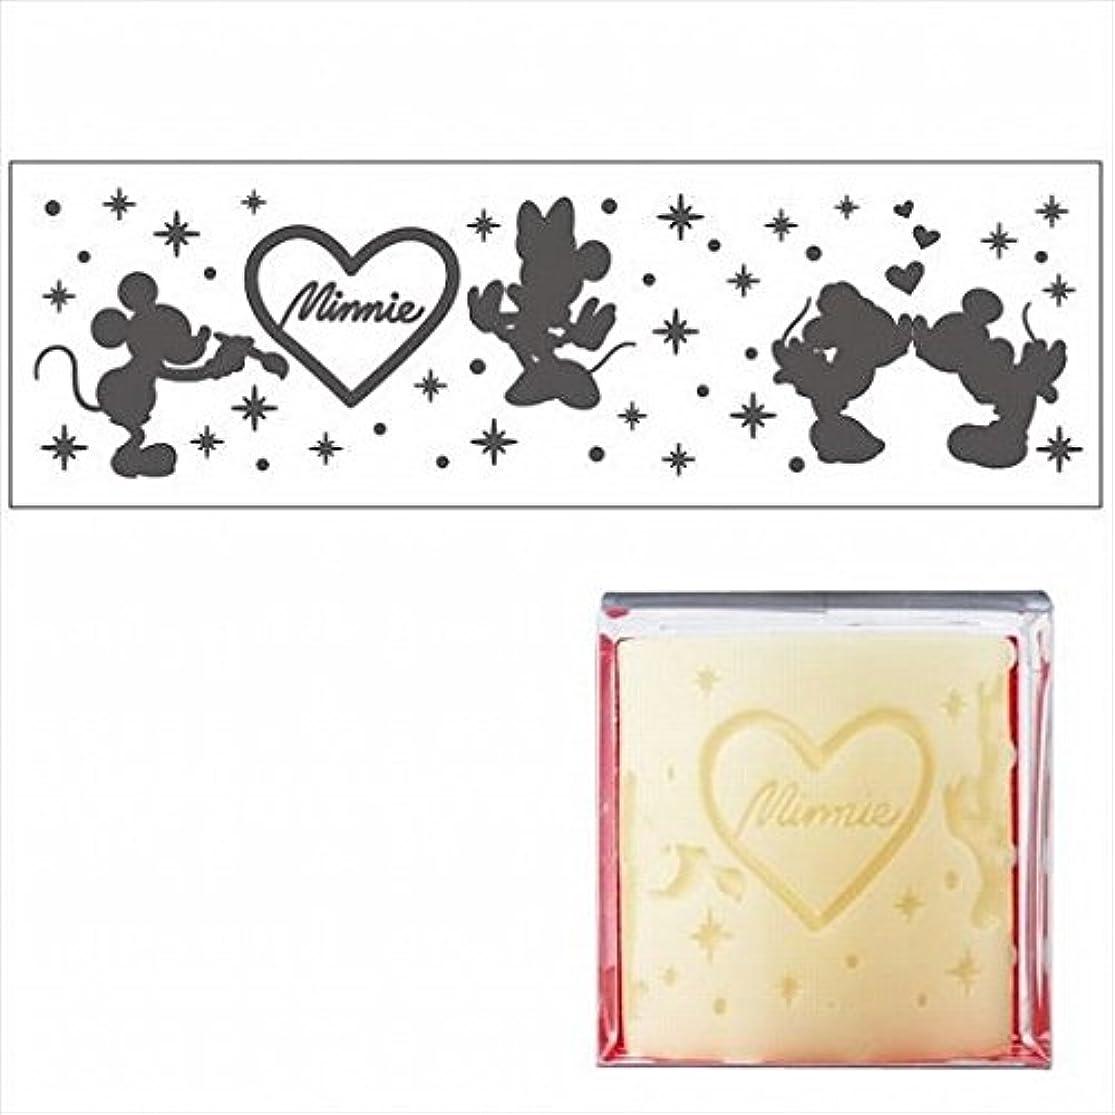 豪華な教ティームkameyama candle(カメヤマキャンドル) ディズニーLEDキャンドル 「 ミッキー&ミニー 」(A4320010)